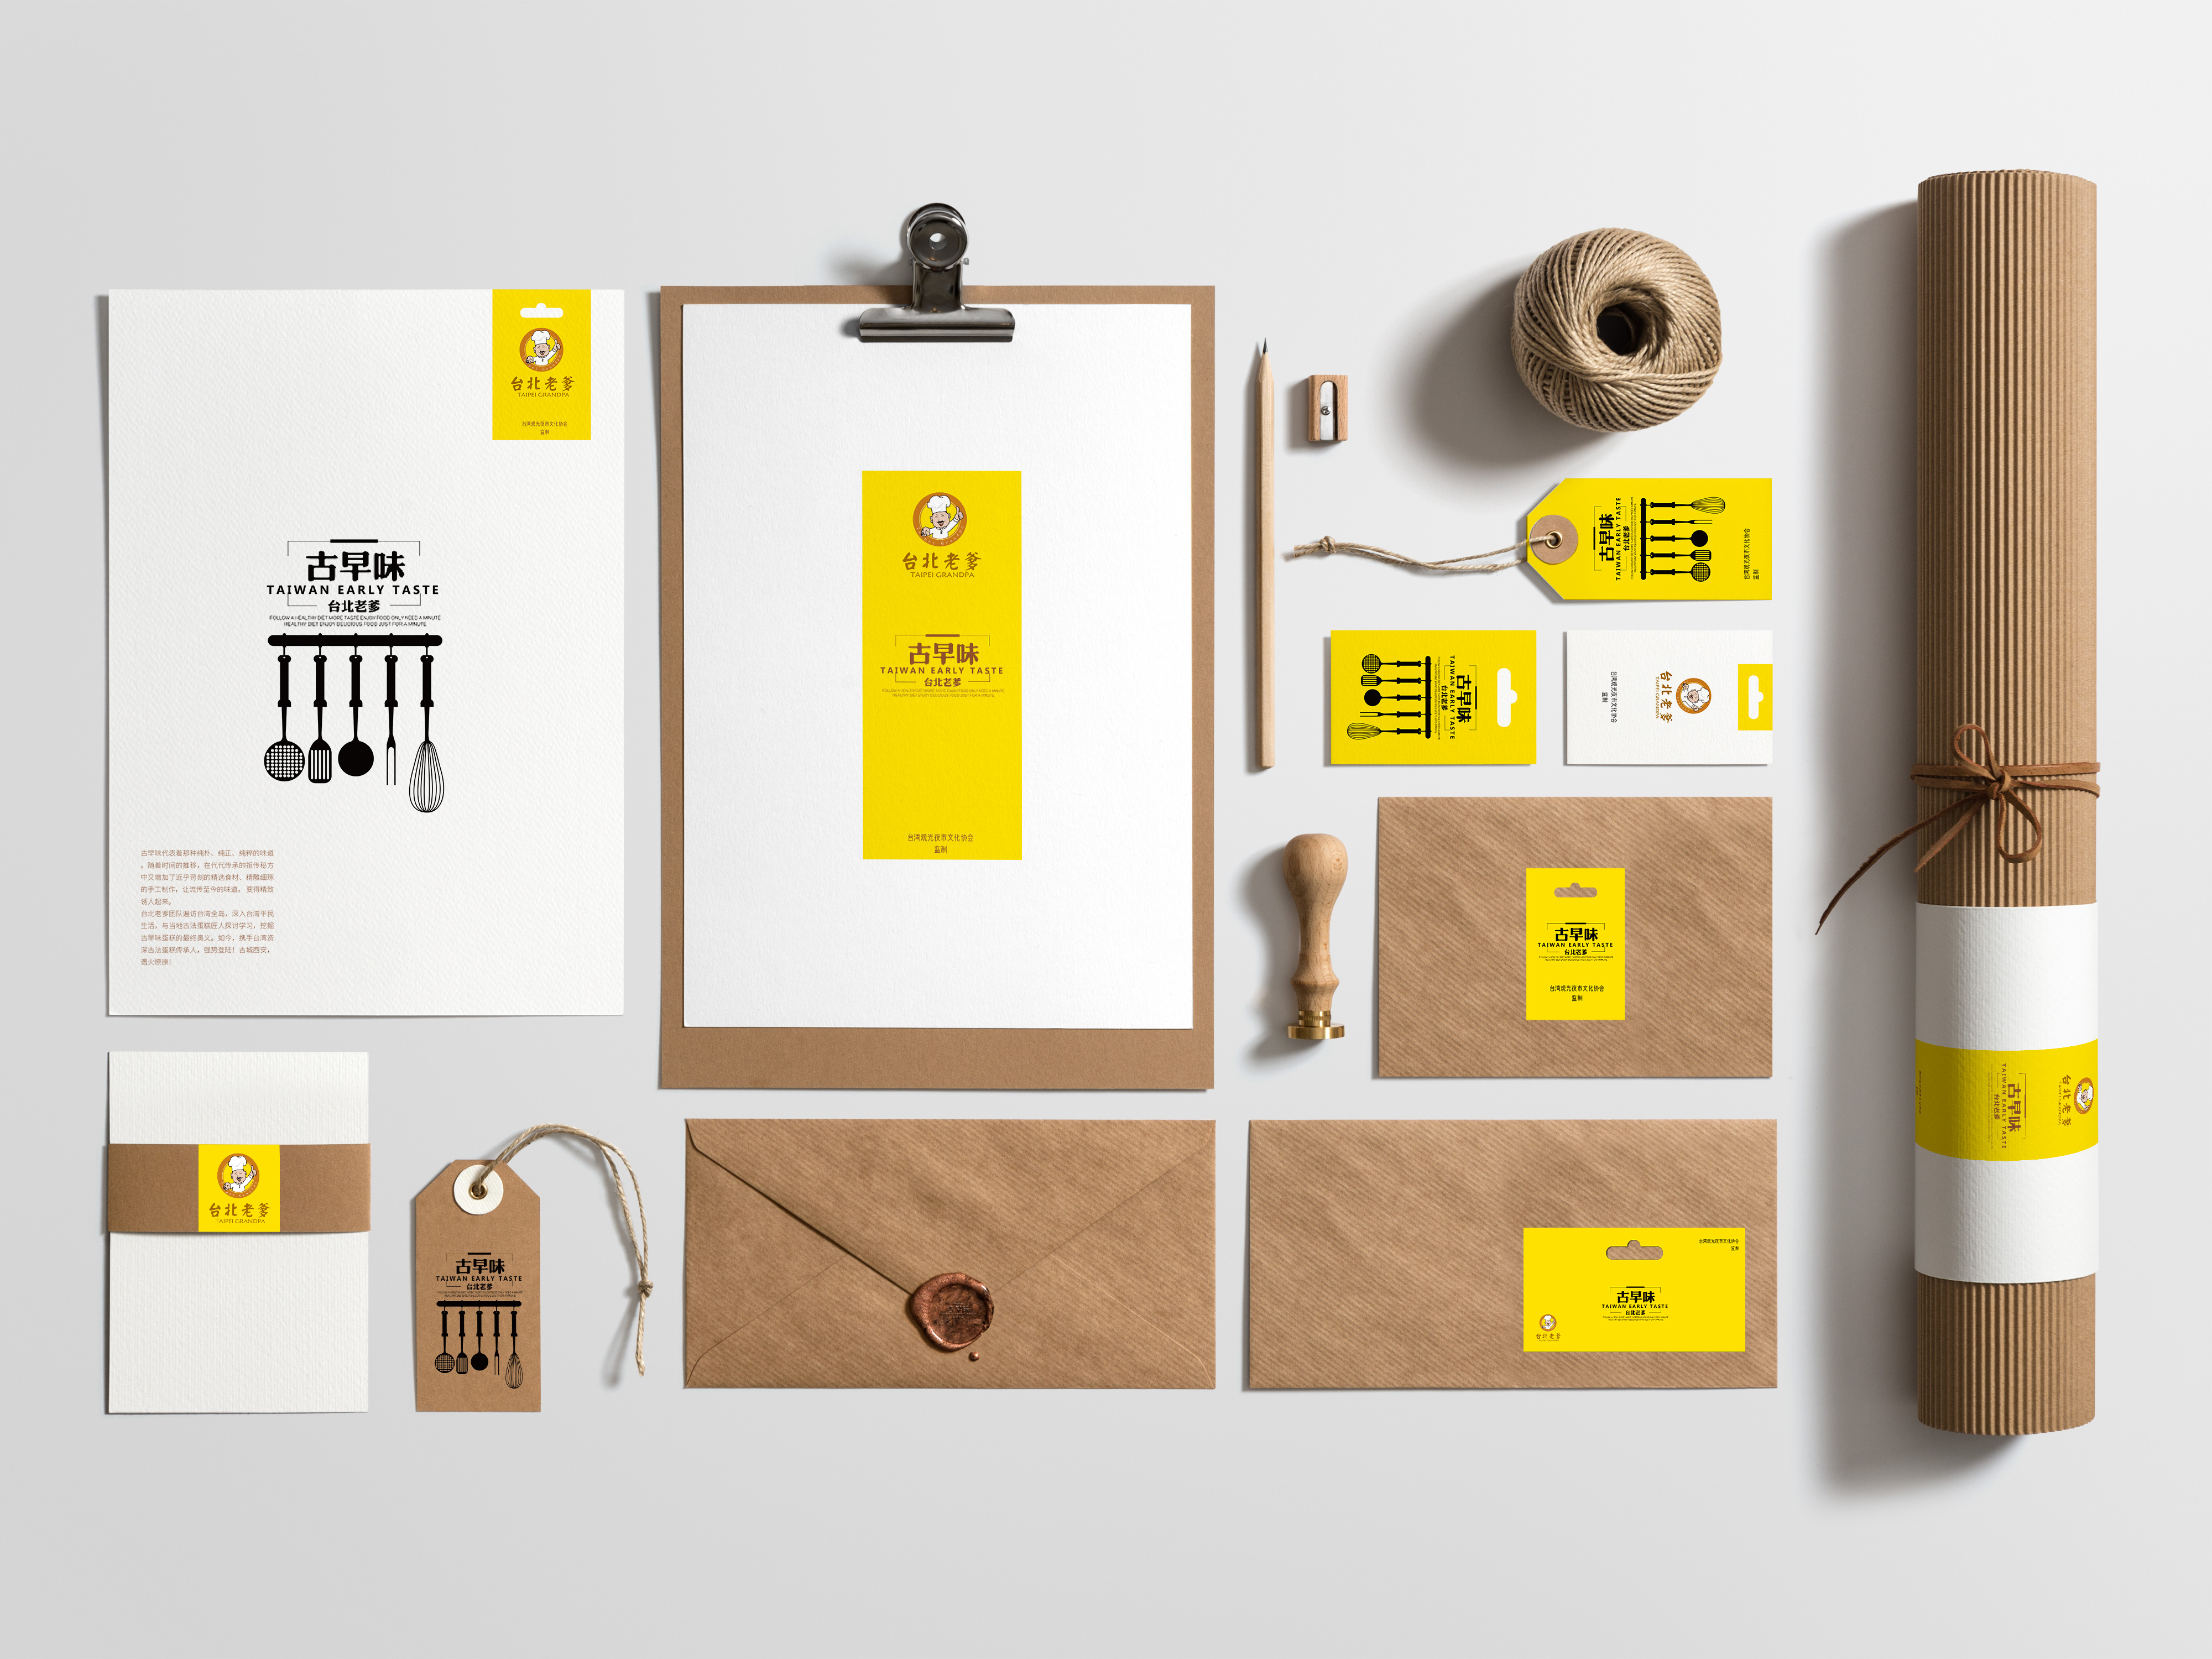 品牌VI系统设计企业形象连锁全套文化教育科研服务电商行业